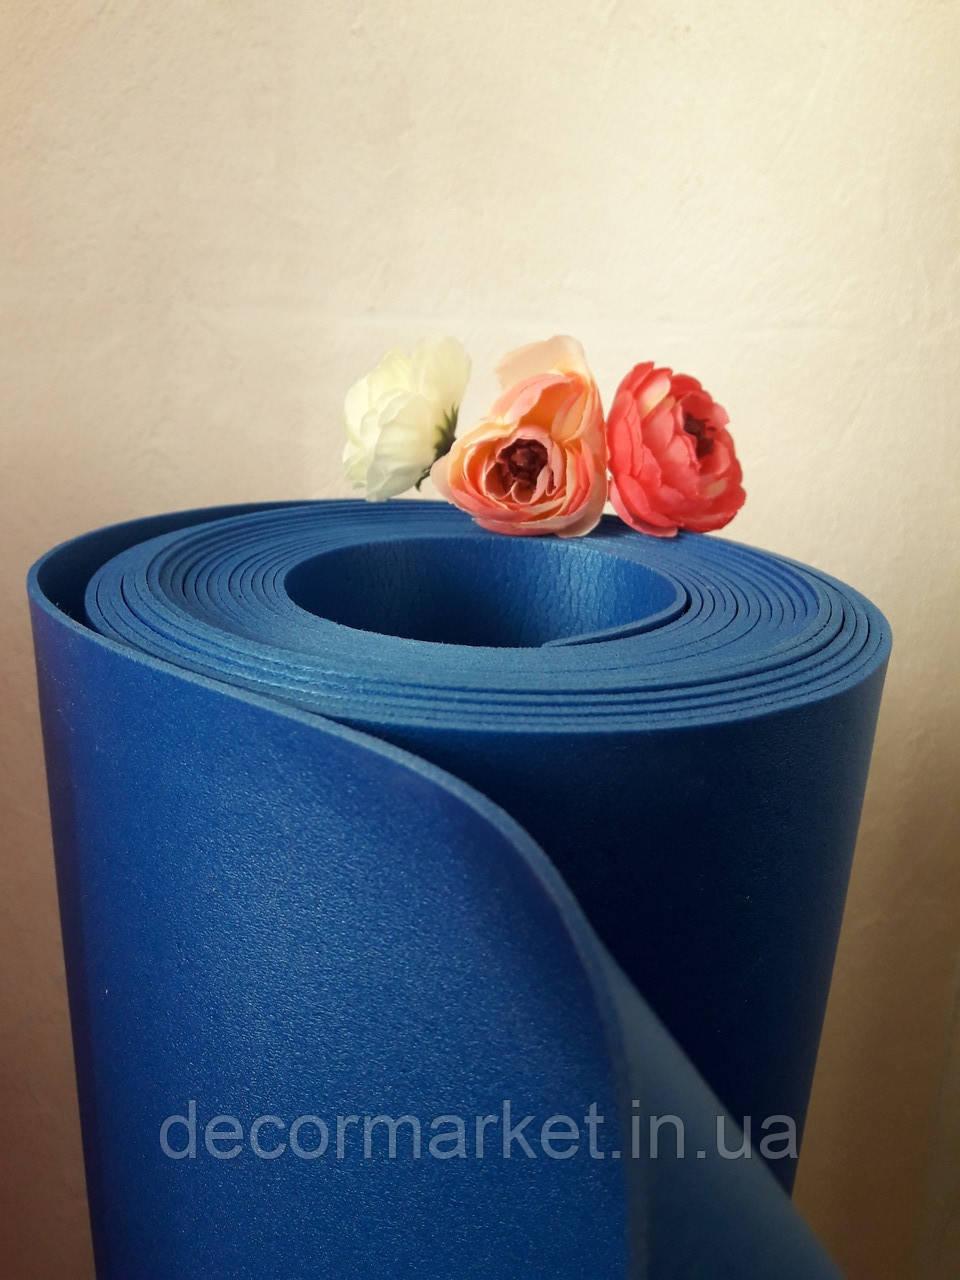 Ізолон синій 2мм